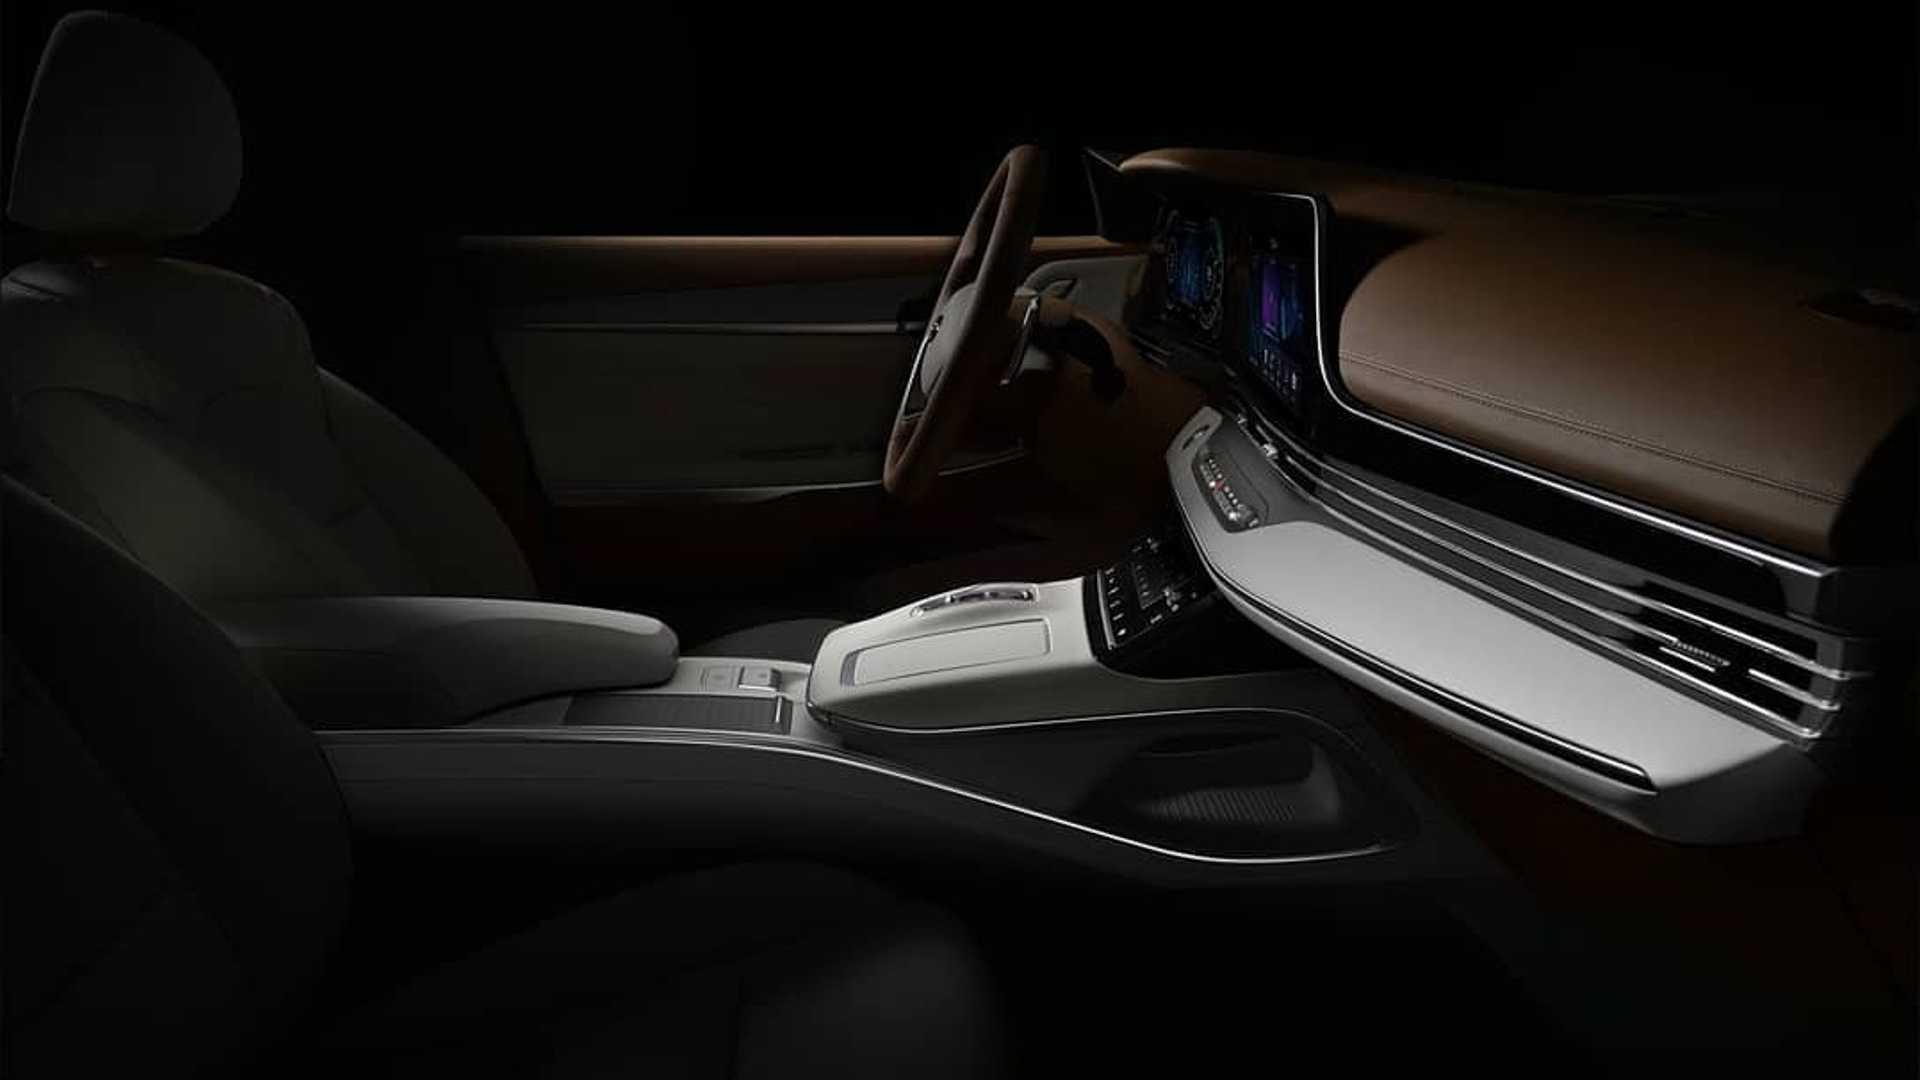 Sedan Hyundai Grandeur Facelift 2020 thiết kế cụm đèn pha bên trong lưới tản nhiệt phía trước - 2